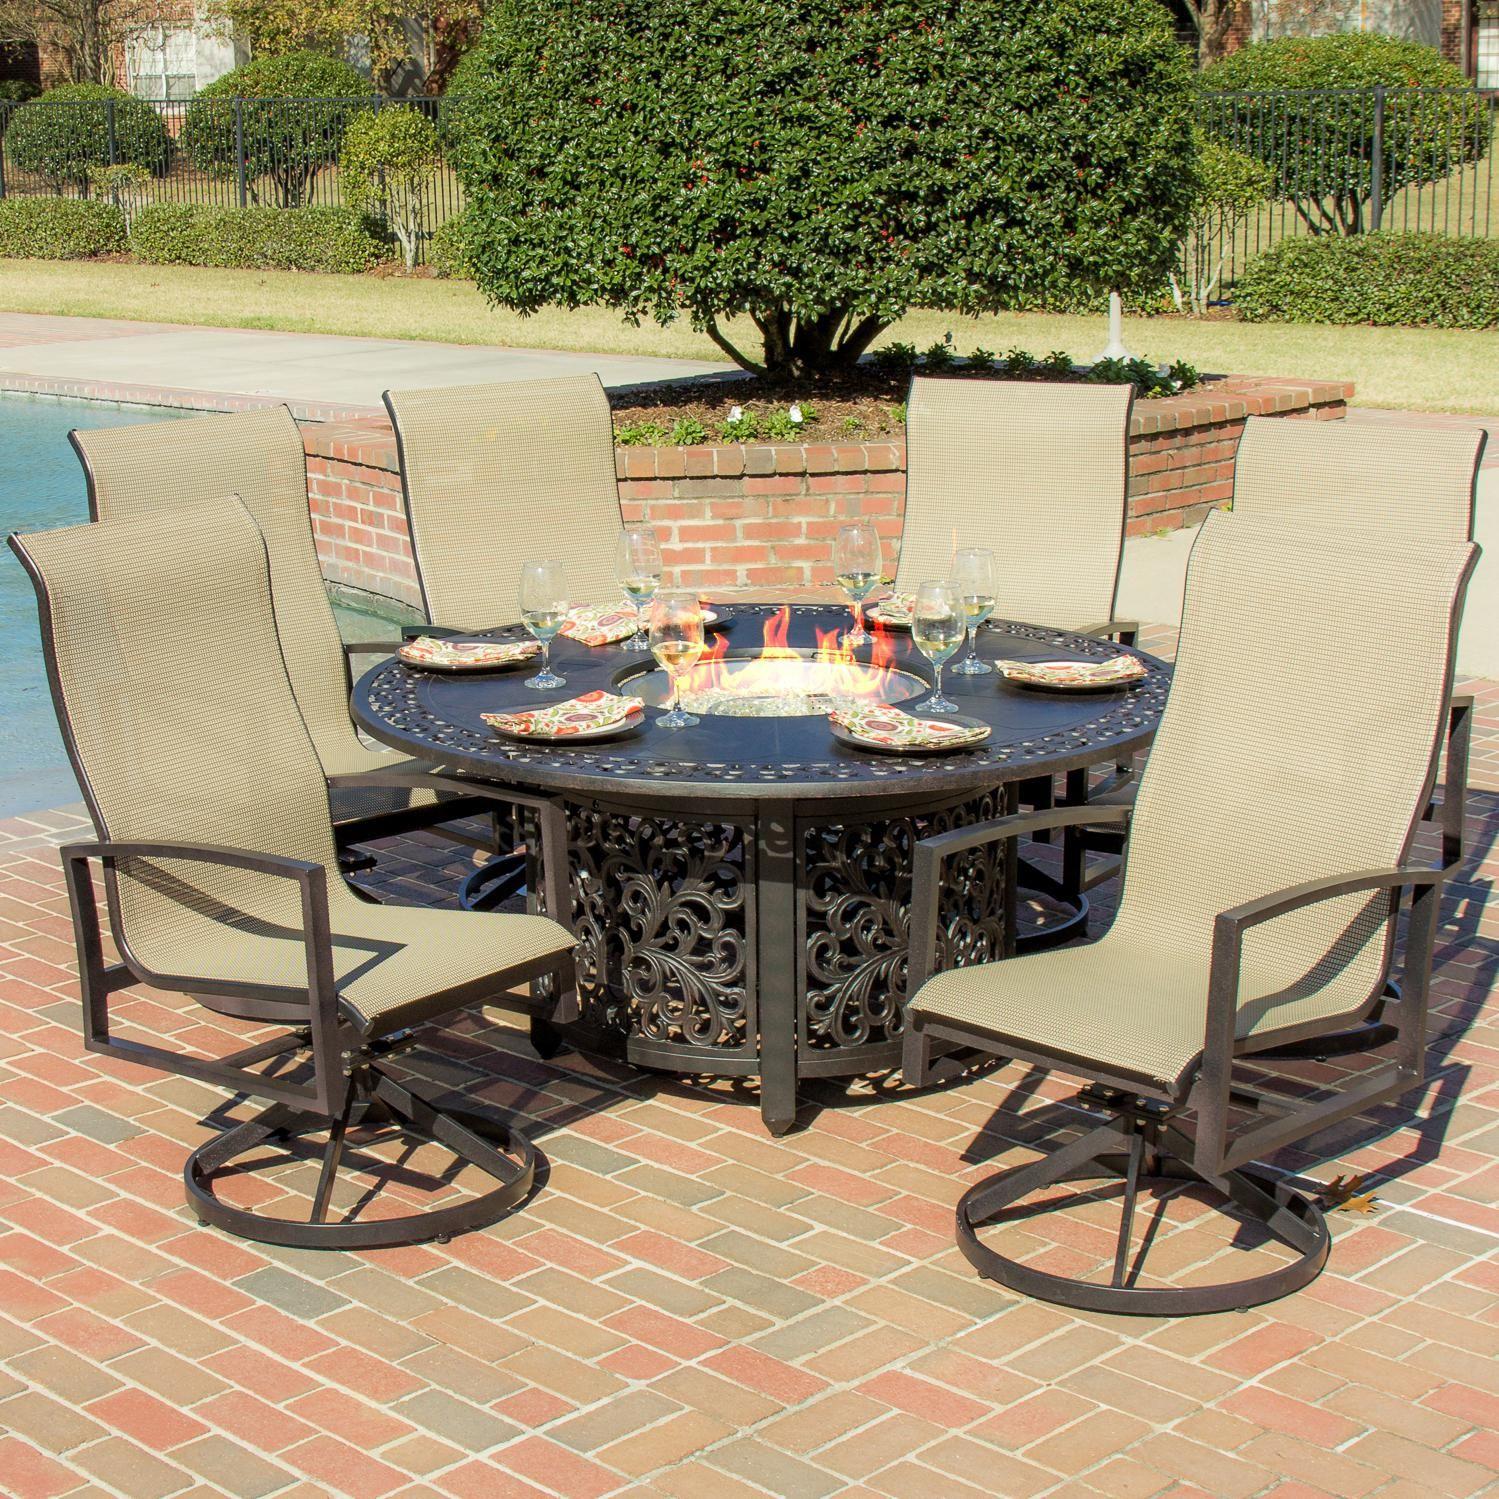 Enticing Outdoor Furniture Patio Dining Set Features Aluminum